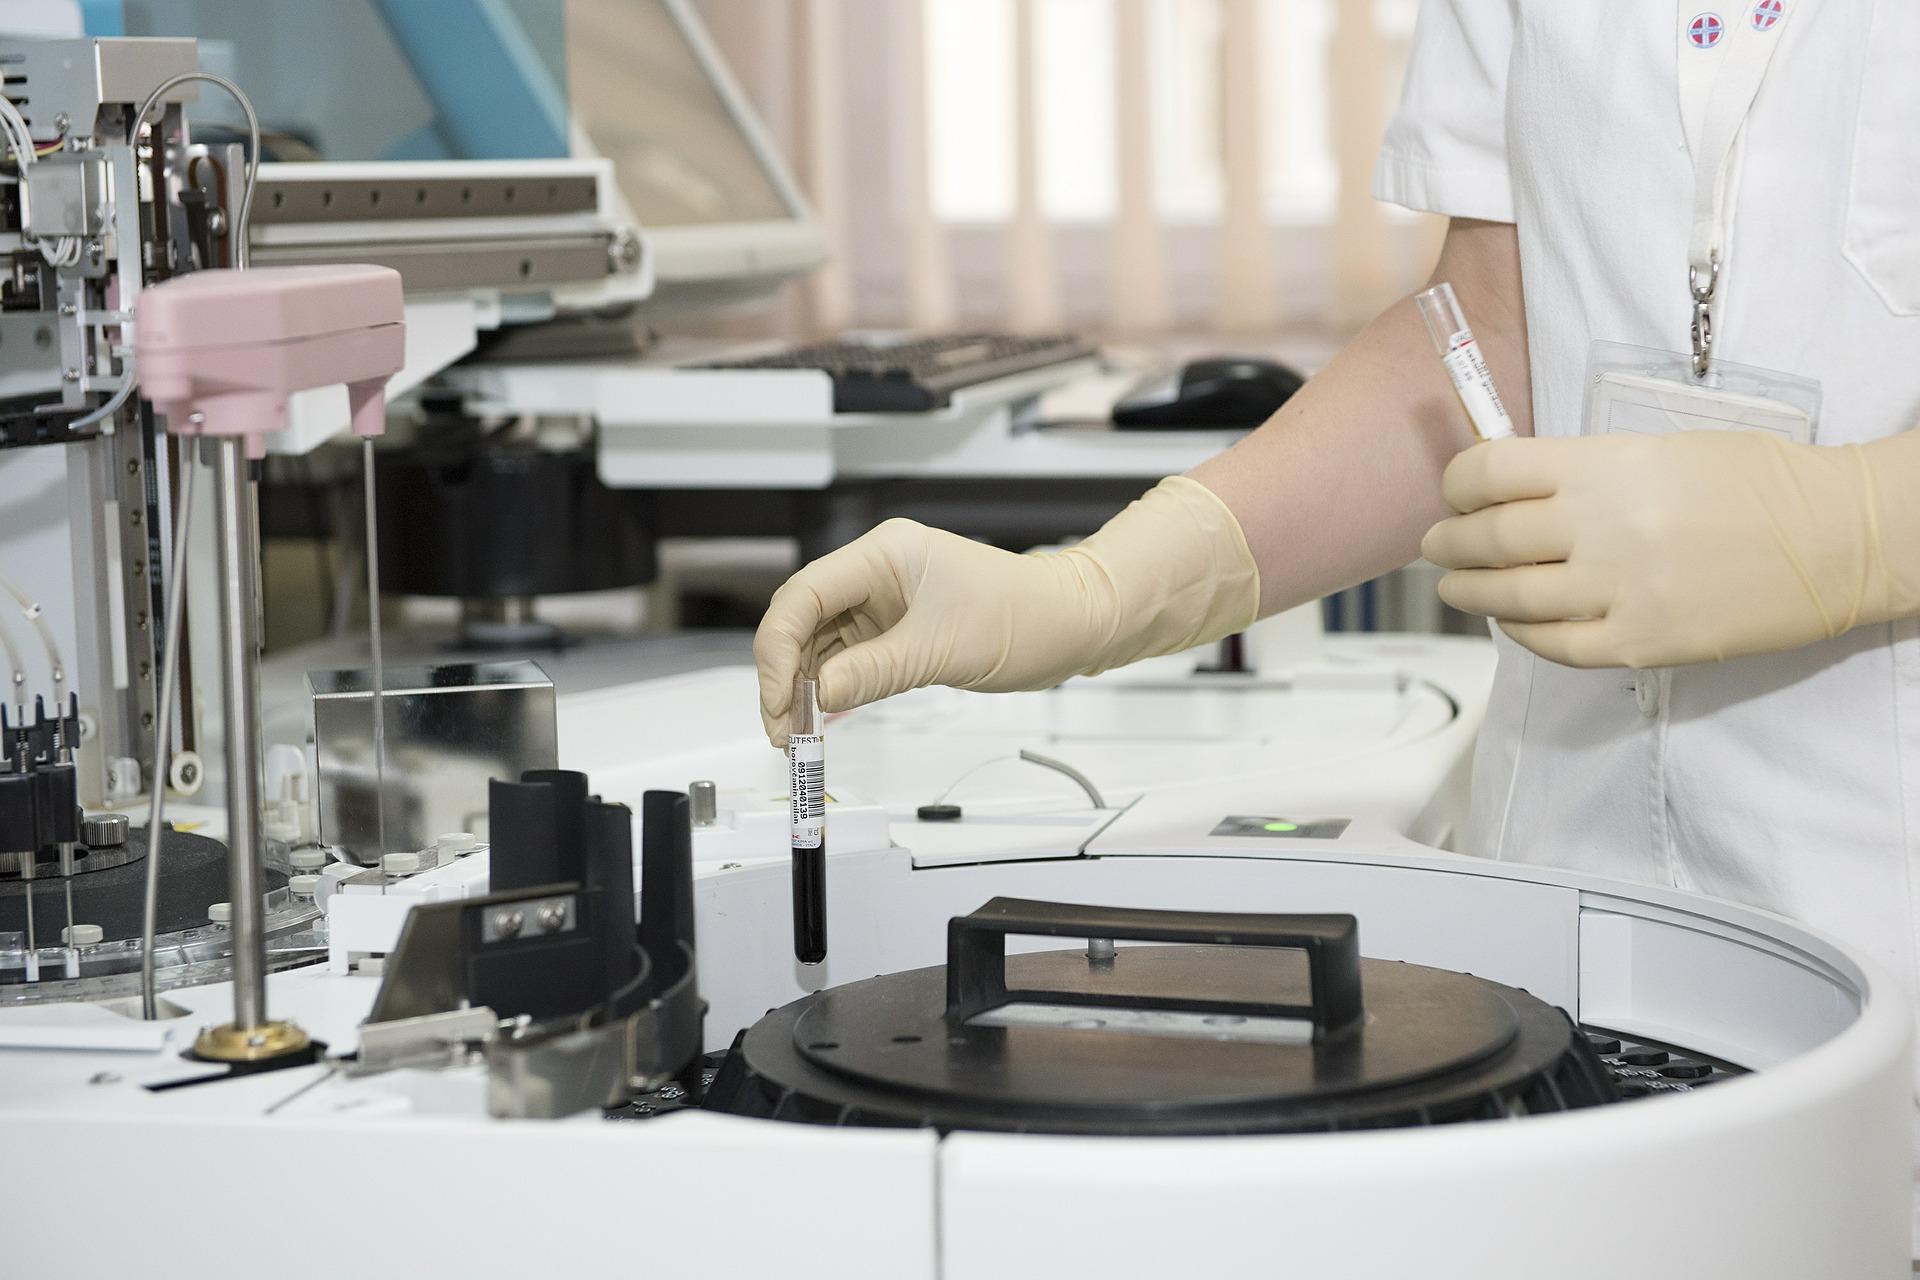 Papa-koe pipellekoe kohdun ultraääni ultraäänitutkimus Helsinki Turku